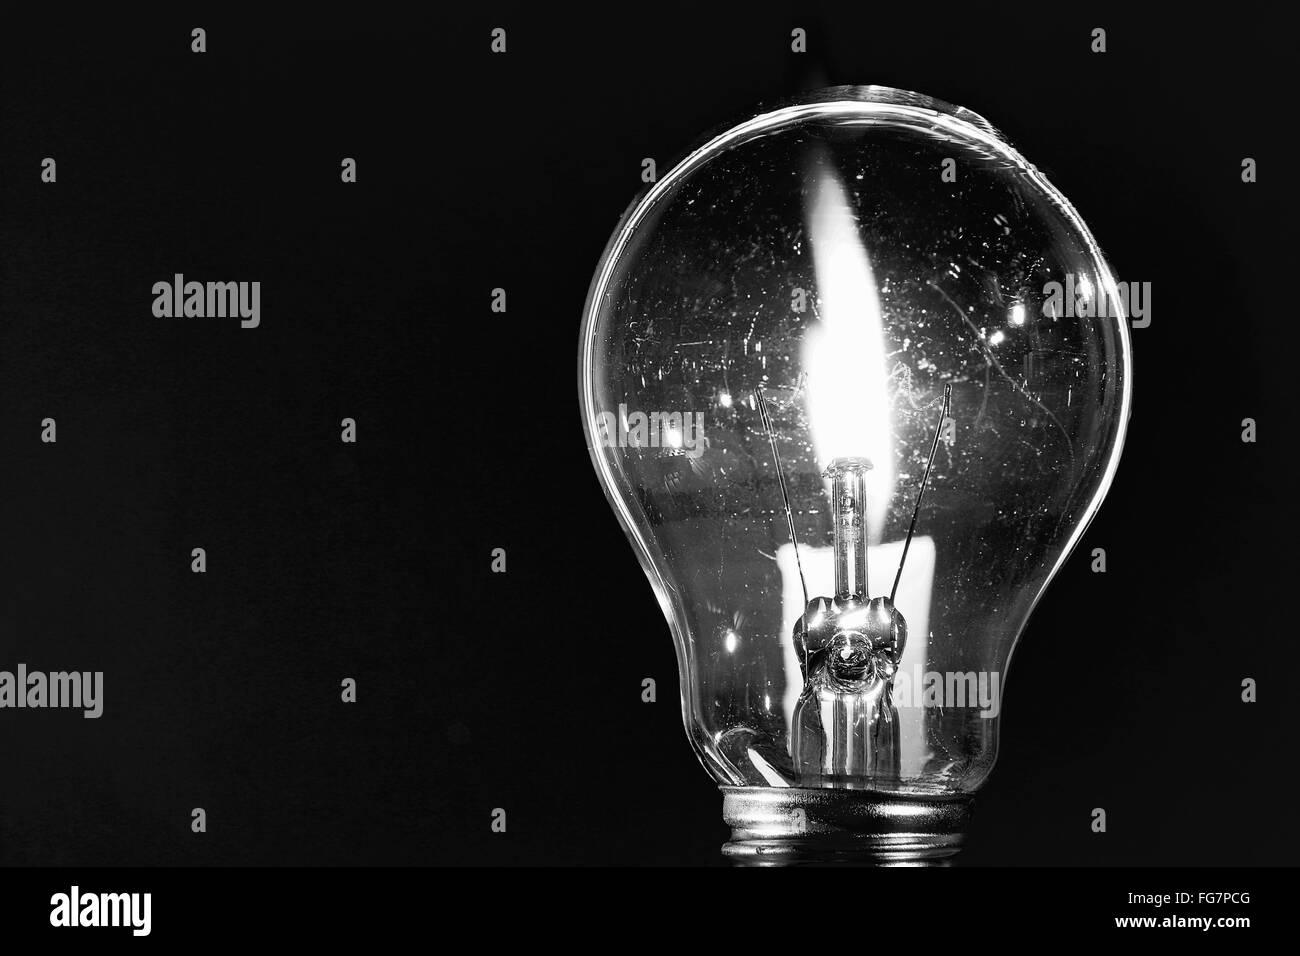 Primer plano de encendida la bombilla eléctrica contra fondo negro Imagen De Stock